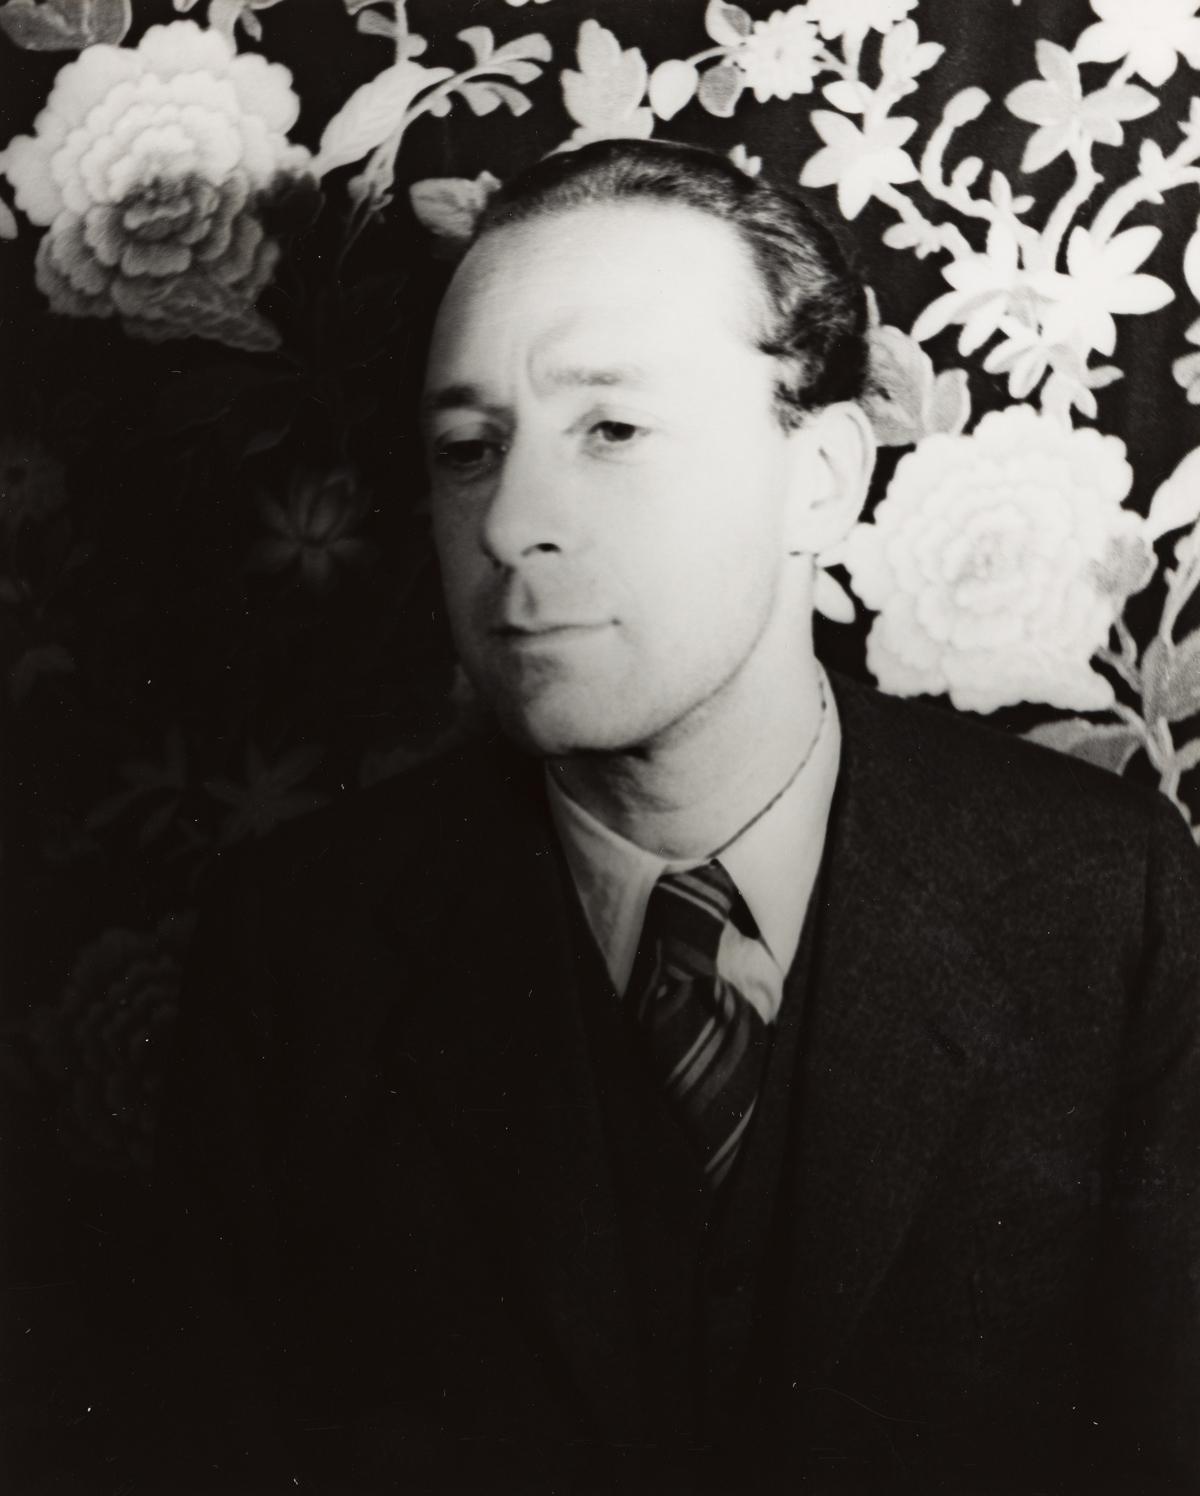 CARL VAN VECHTEN (1880-1964) Pavel Tchelitchew.